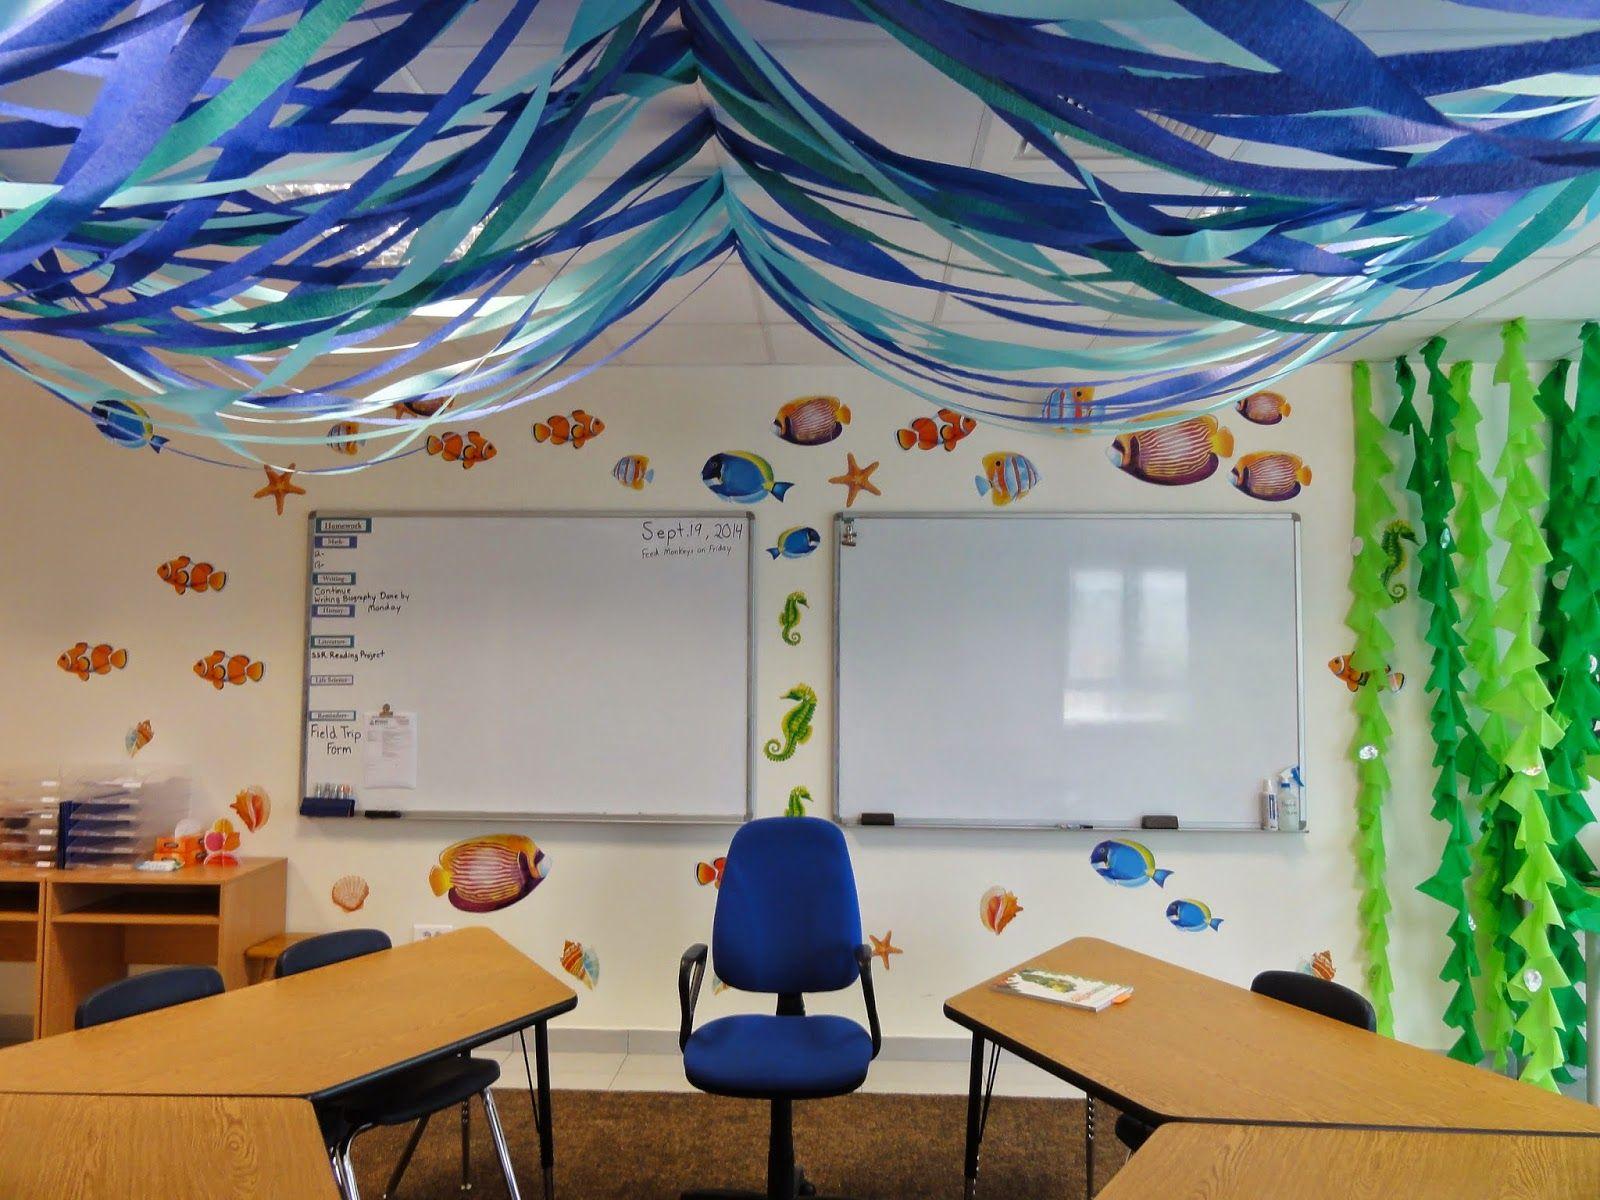 Ocean Themed Classroom The Charming Classroom Vbs Ideas